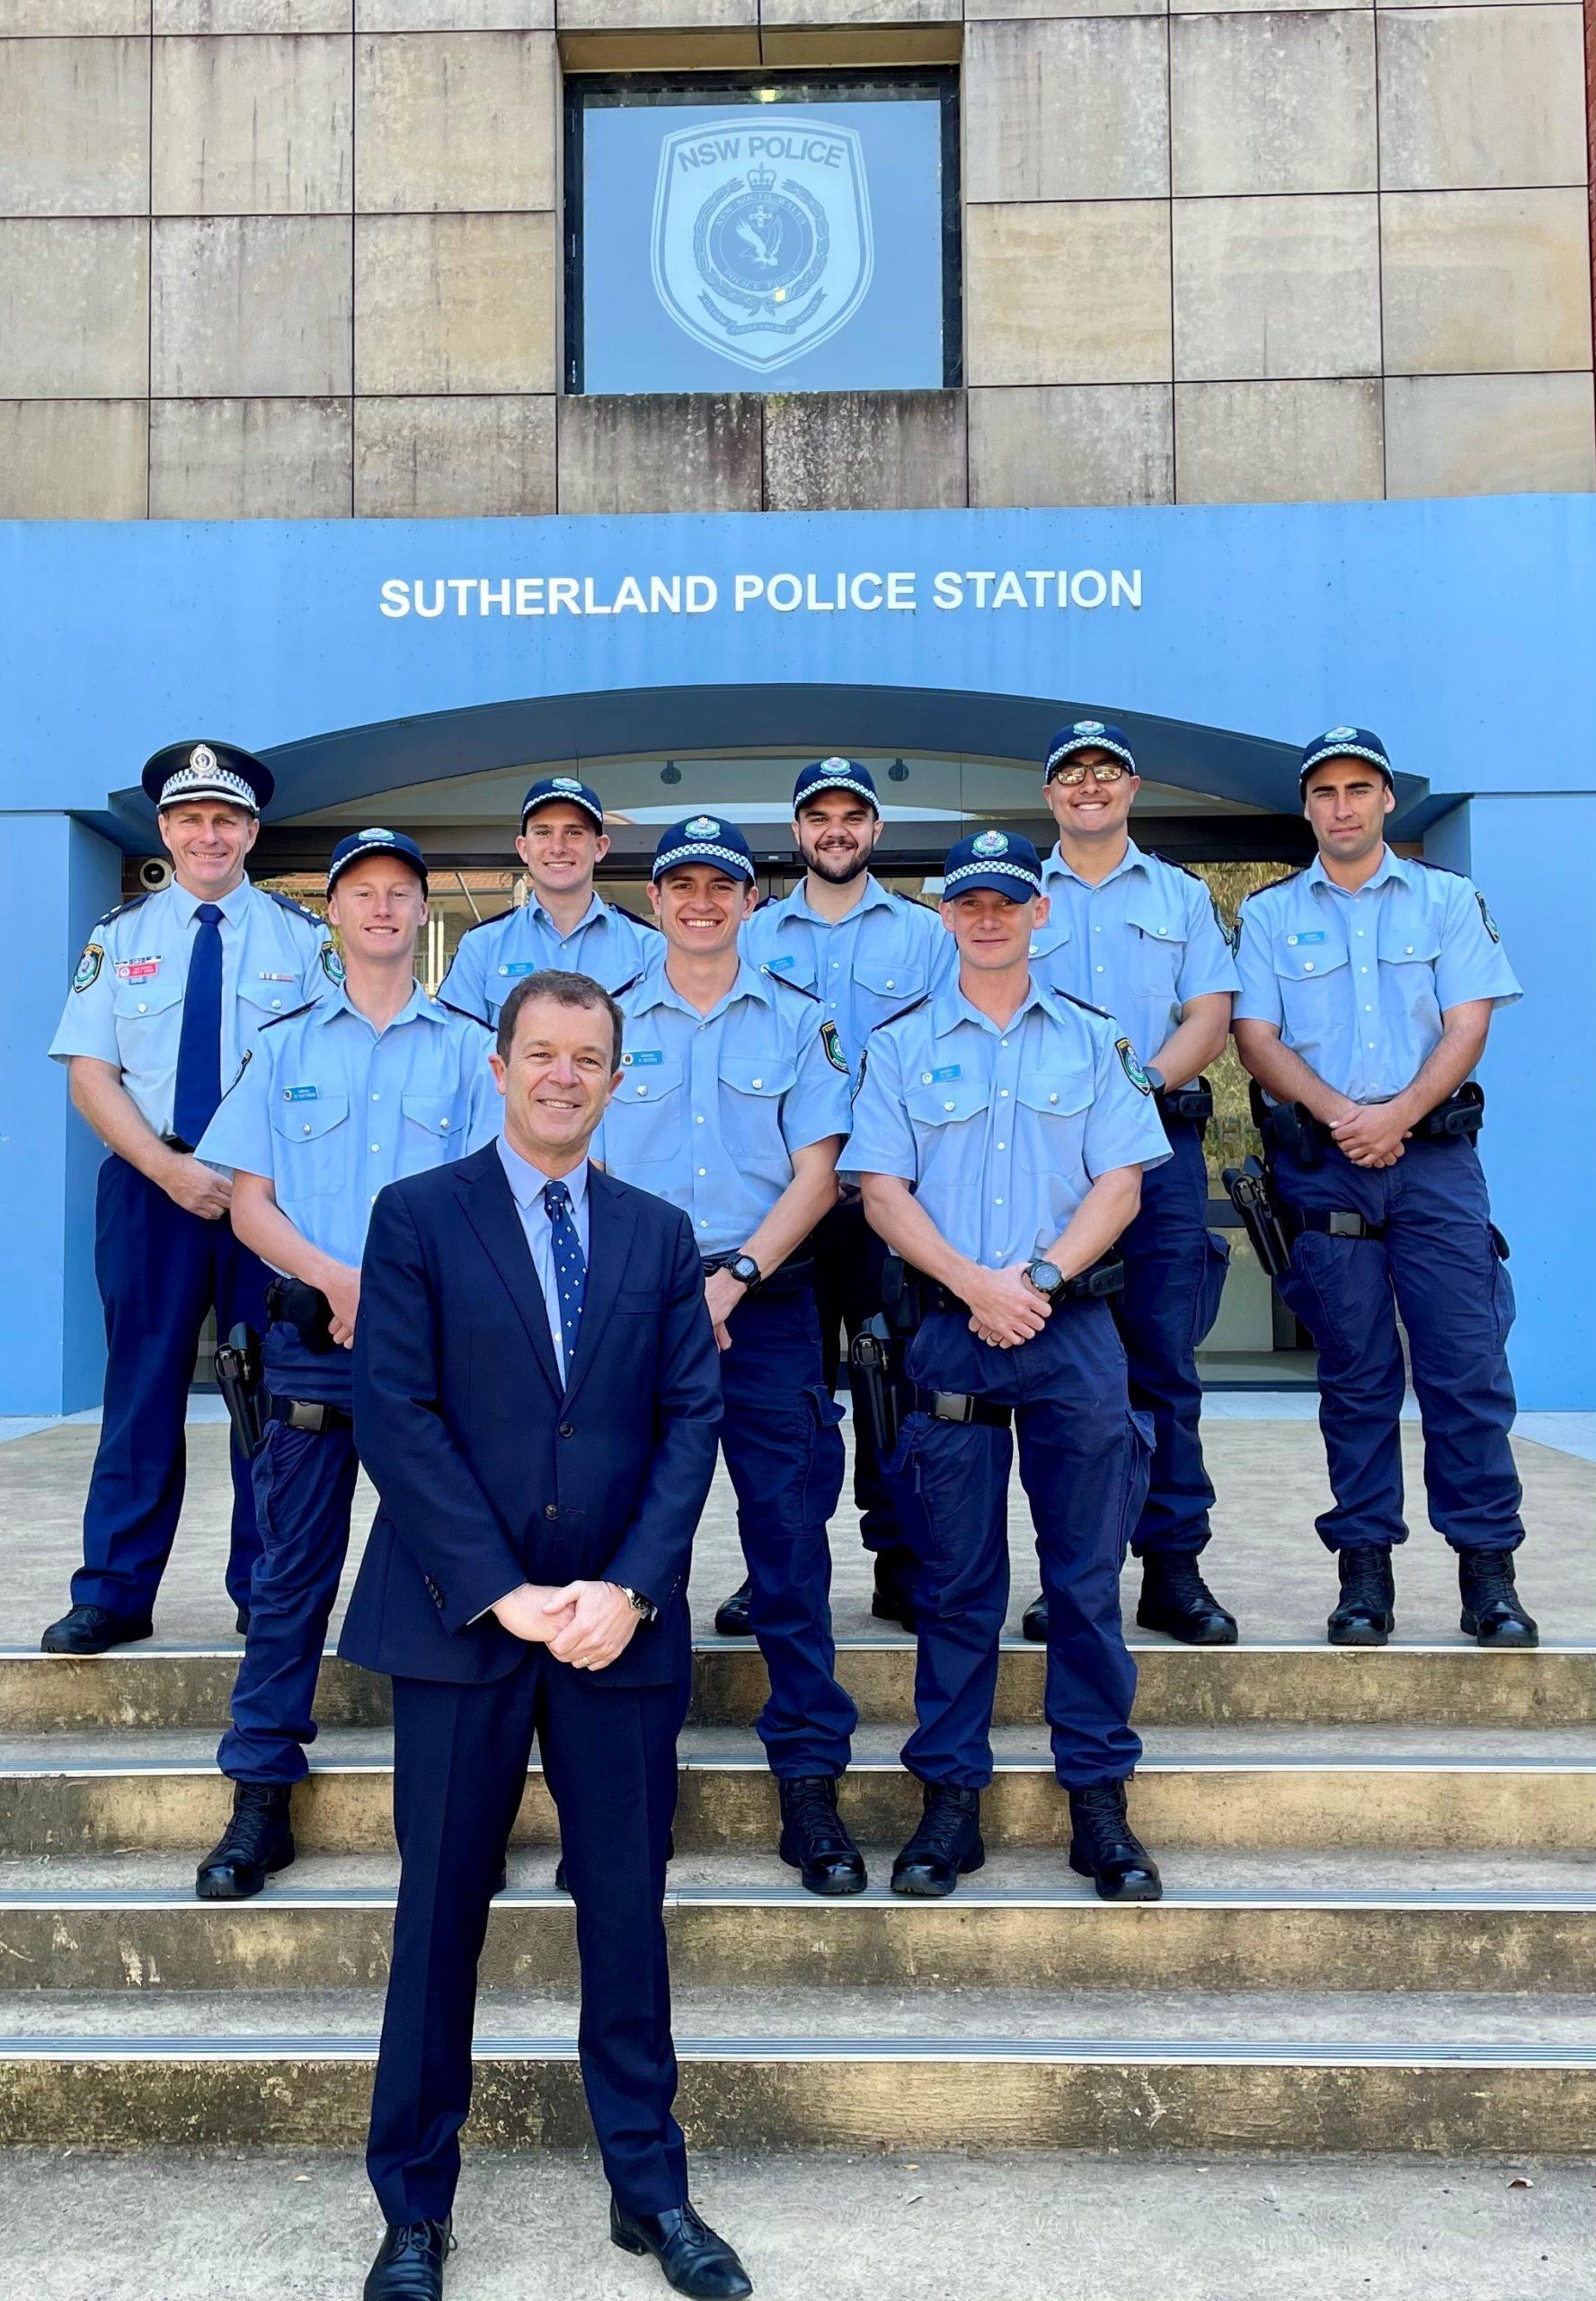 Sutherland PAC recruits